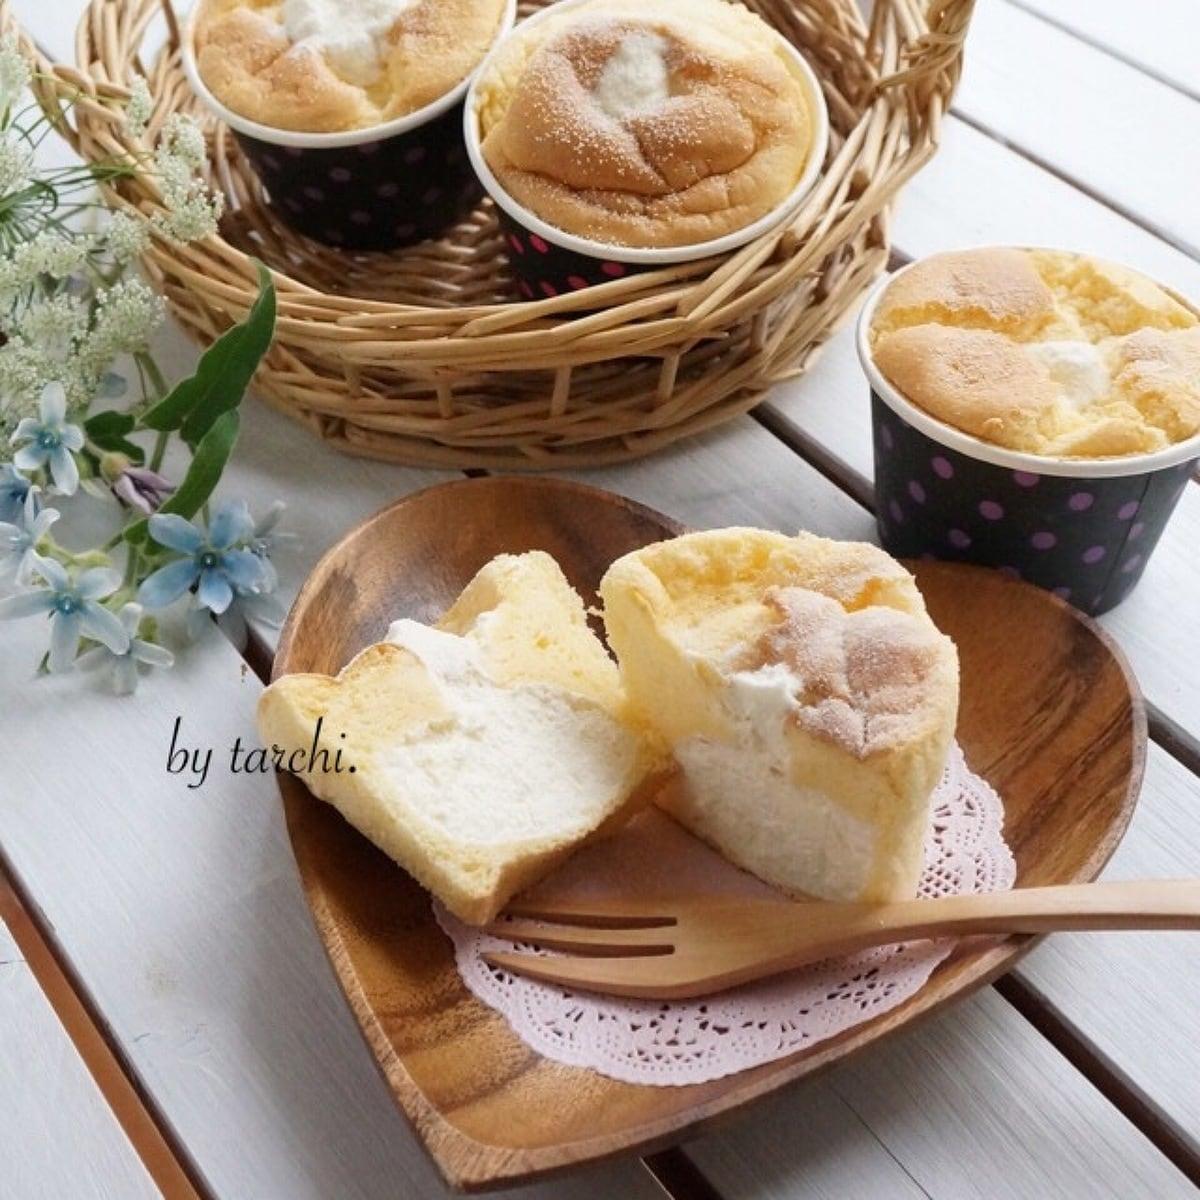 シフォン ケーキ カップ